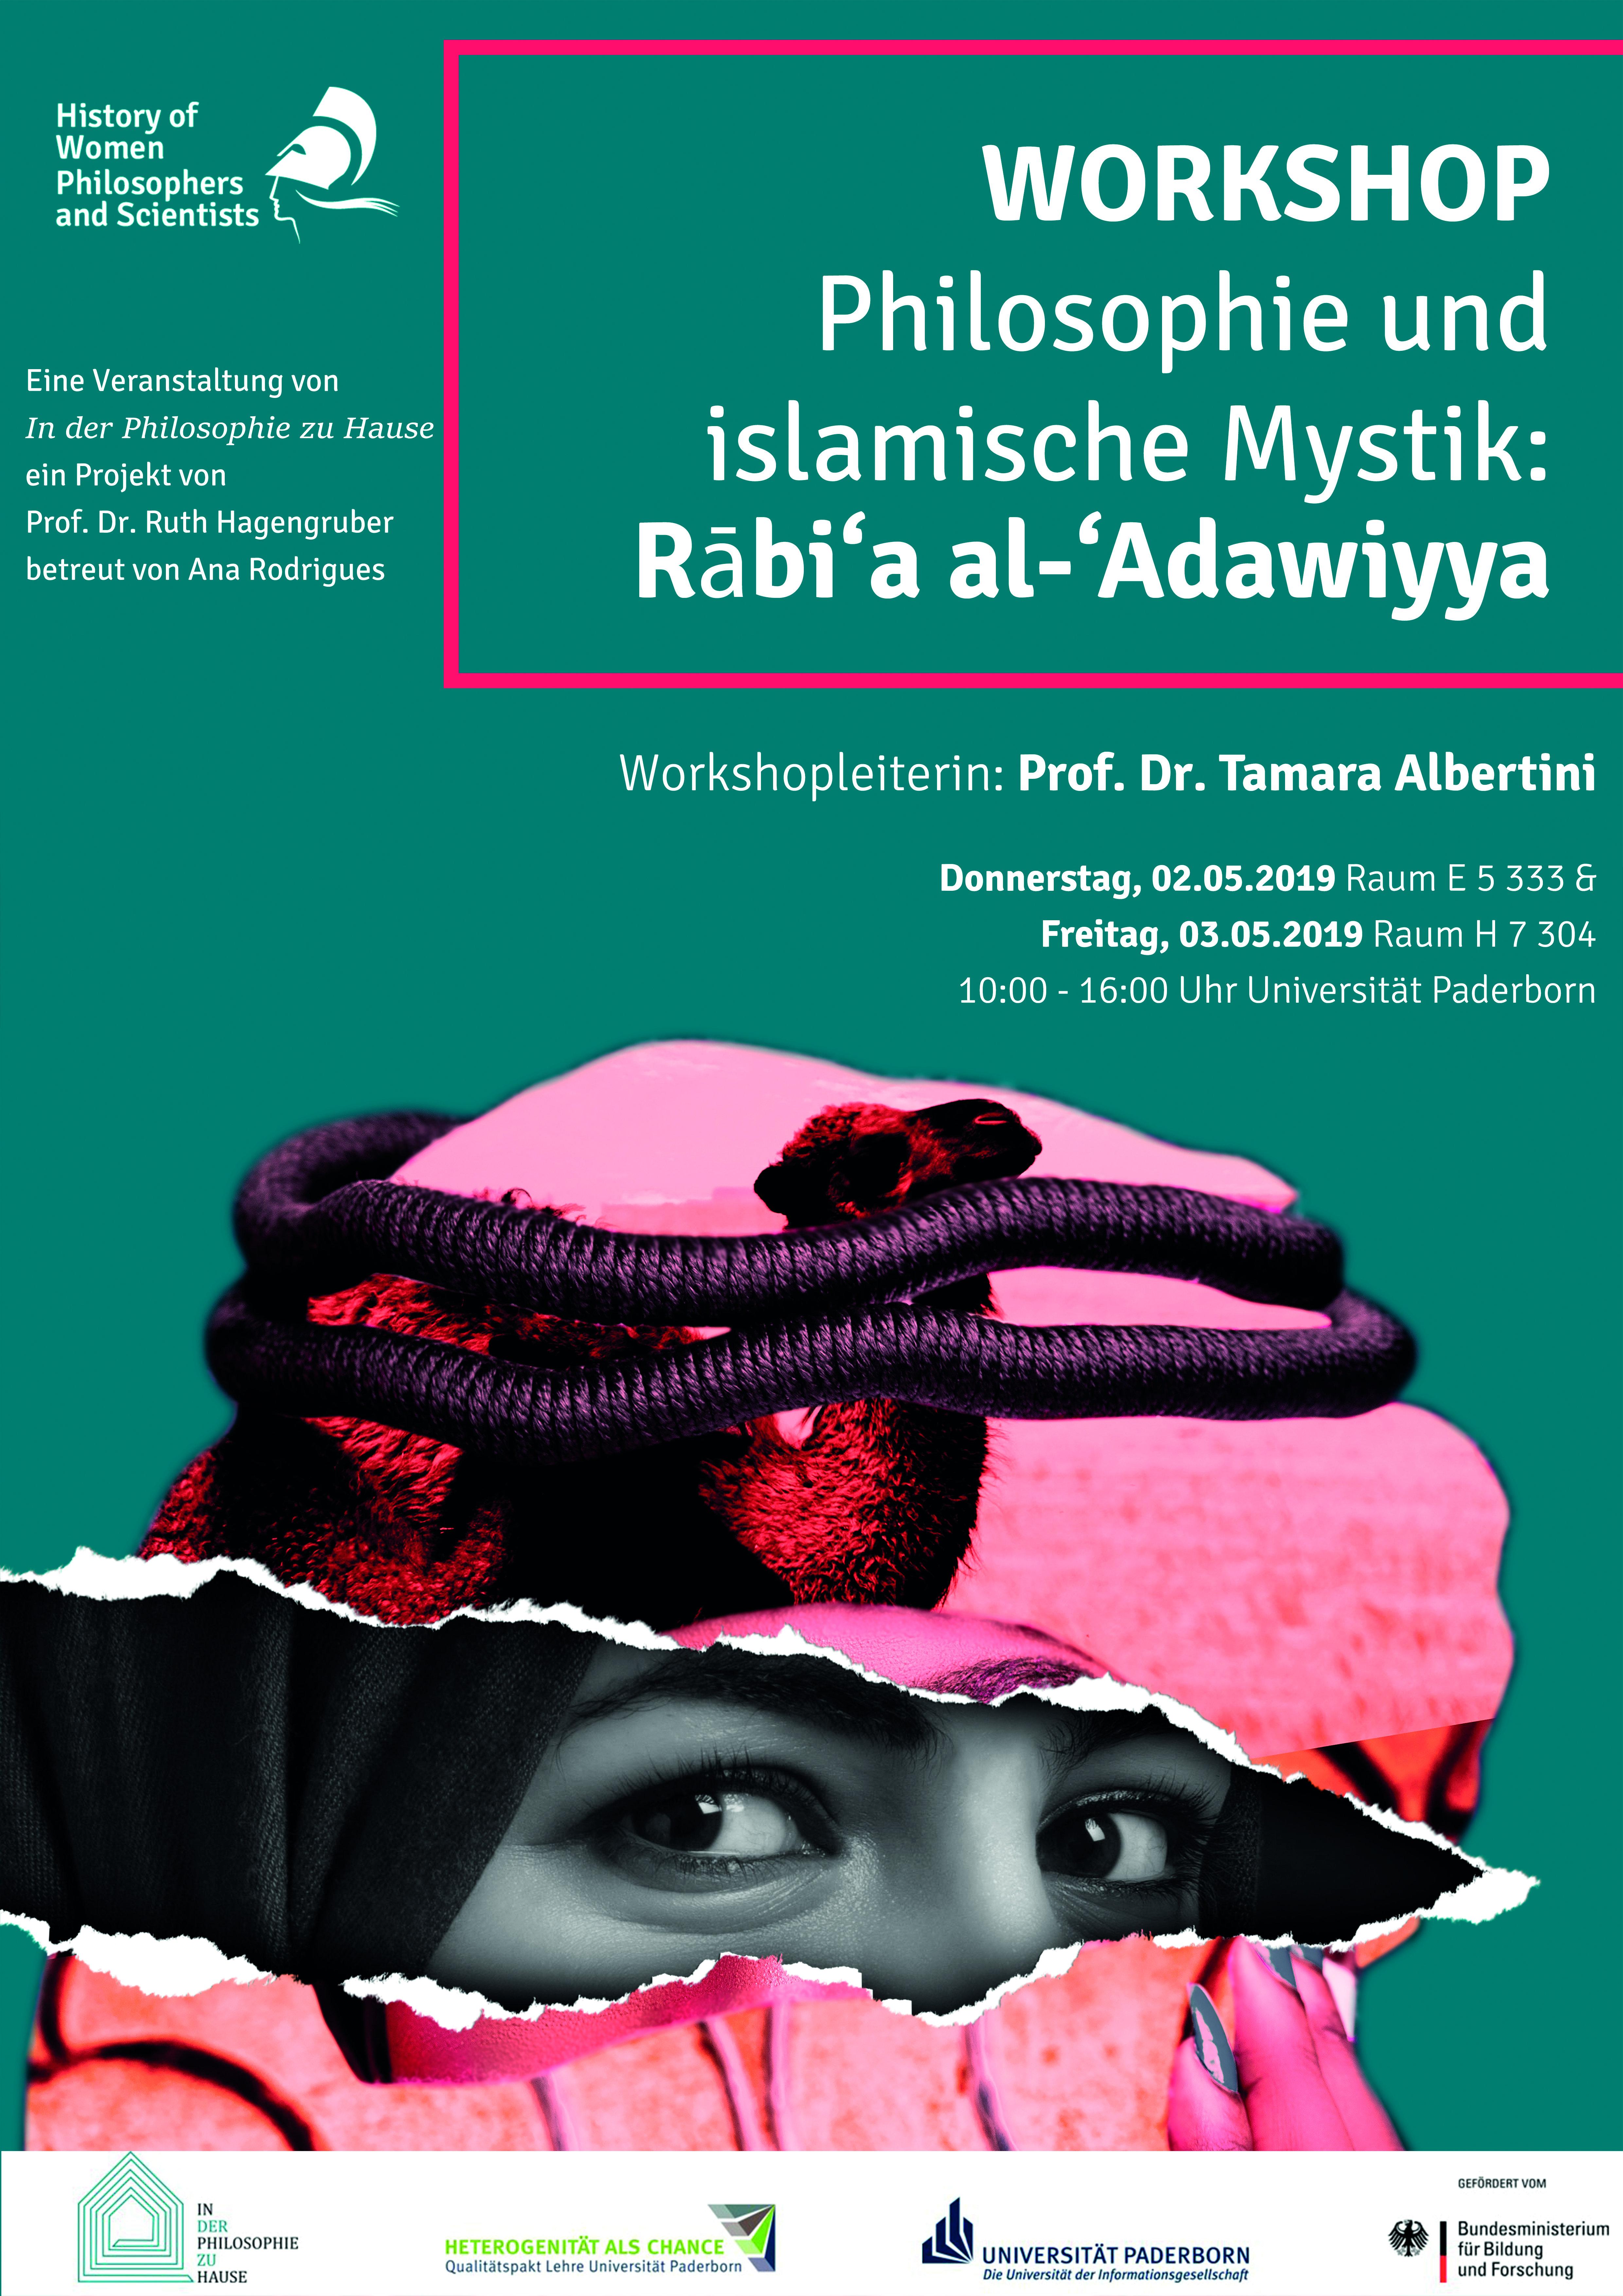 Philosophy and Islamic Mysticism: Rābi'a al-'Adawiyya